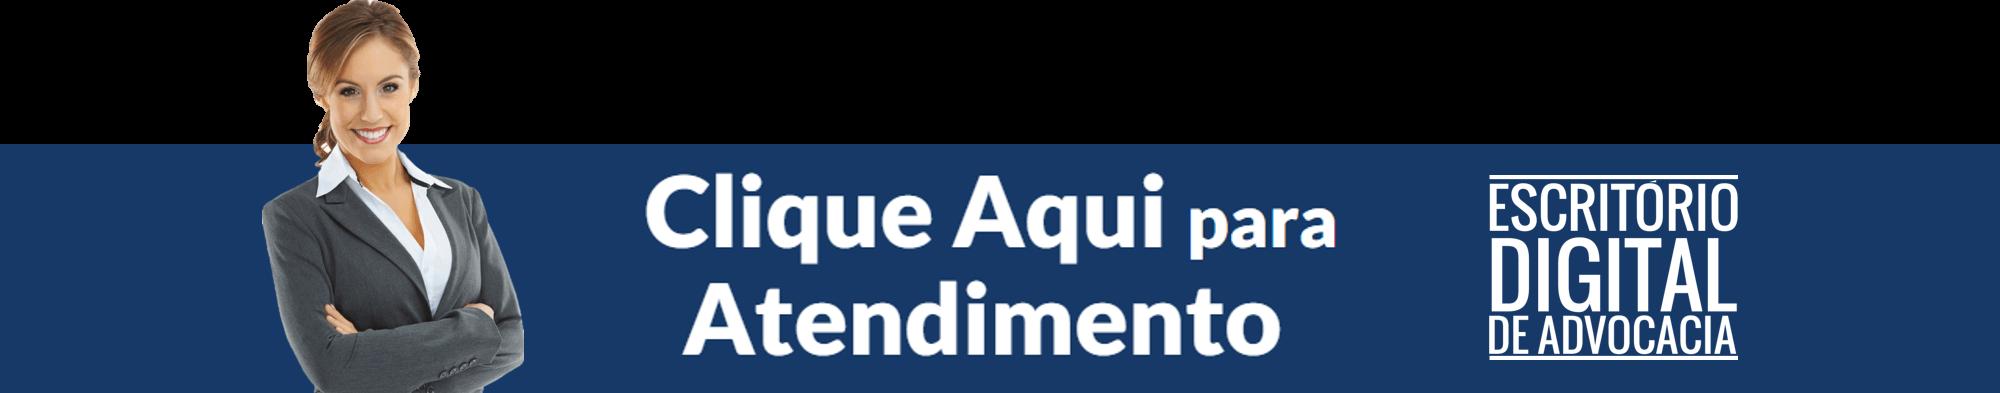 CLIQUE AQUI PARA ATENDIMENTO